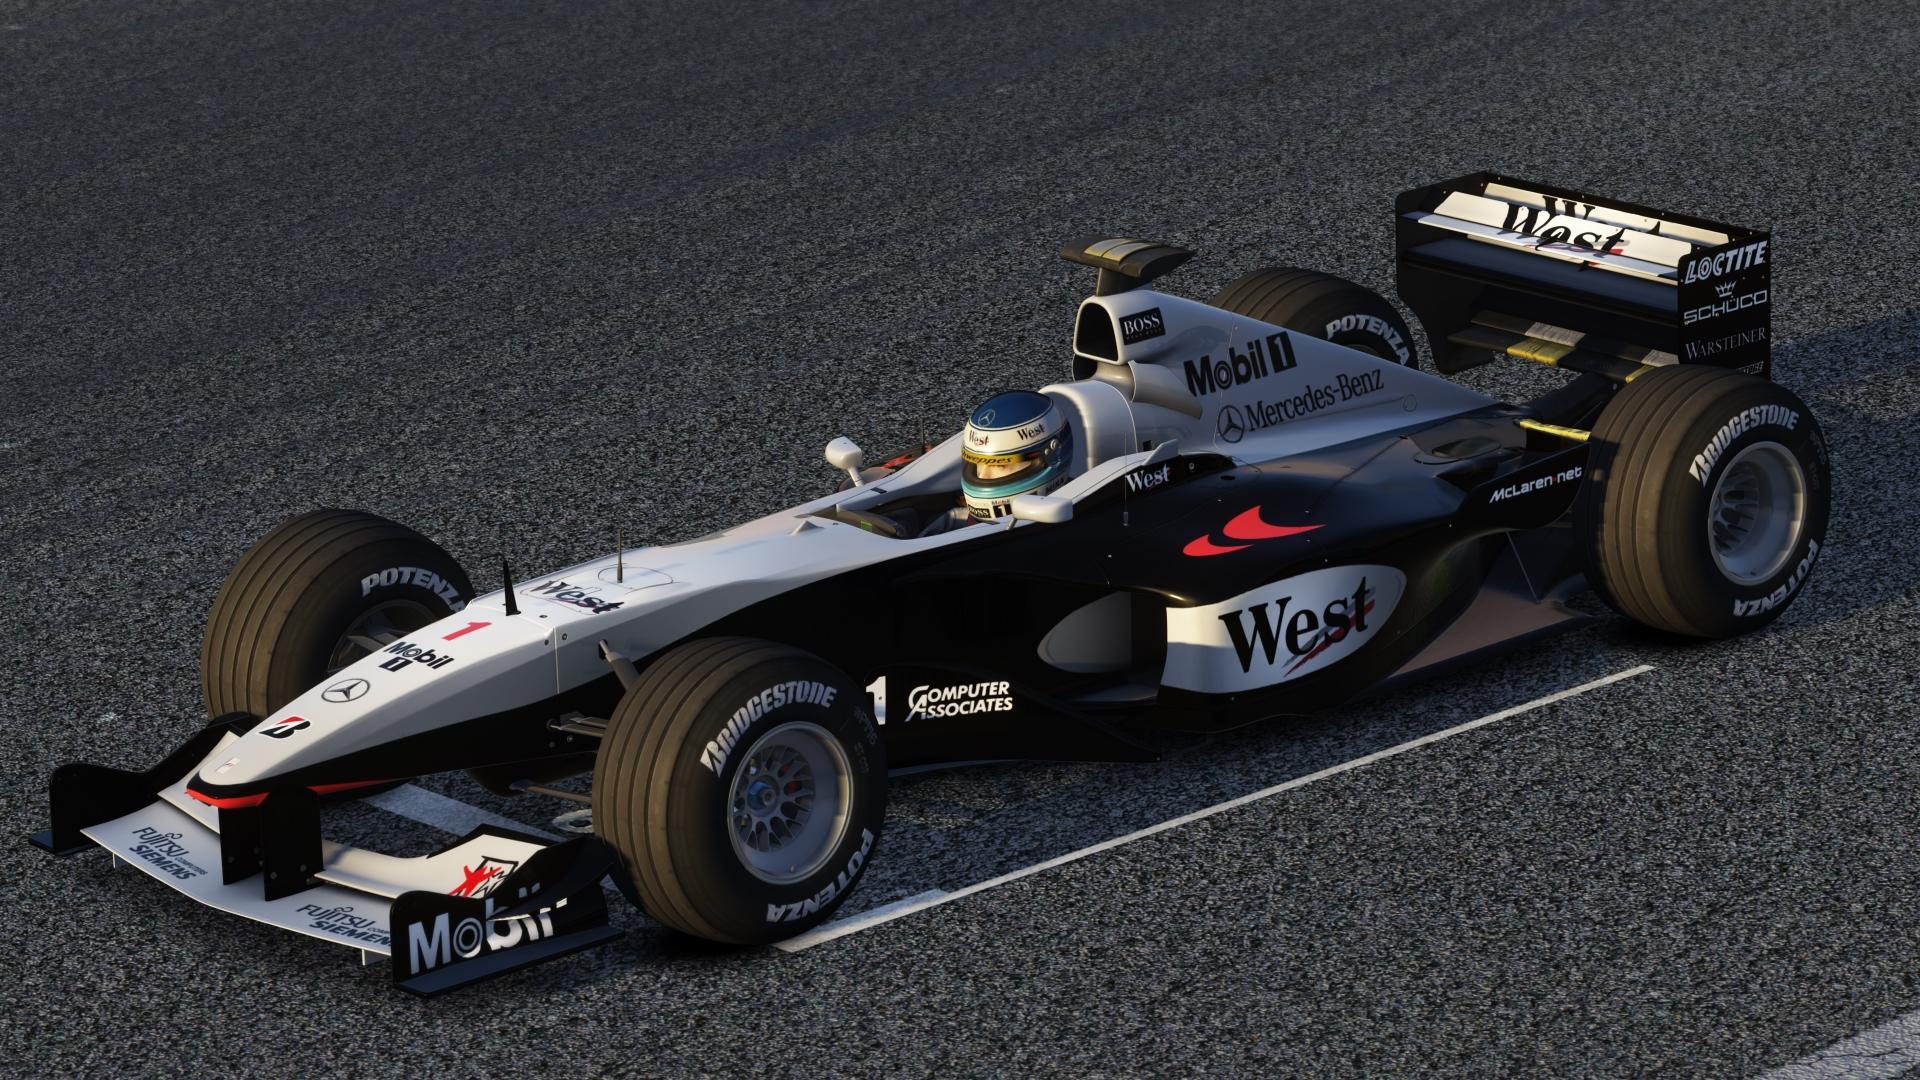 Screenshot_rss_formula_2000_ks_nurburgring_24-12-119-19-44-14.jpg